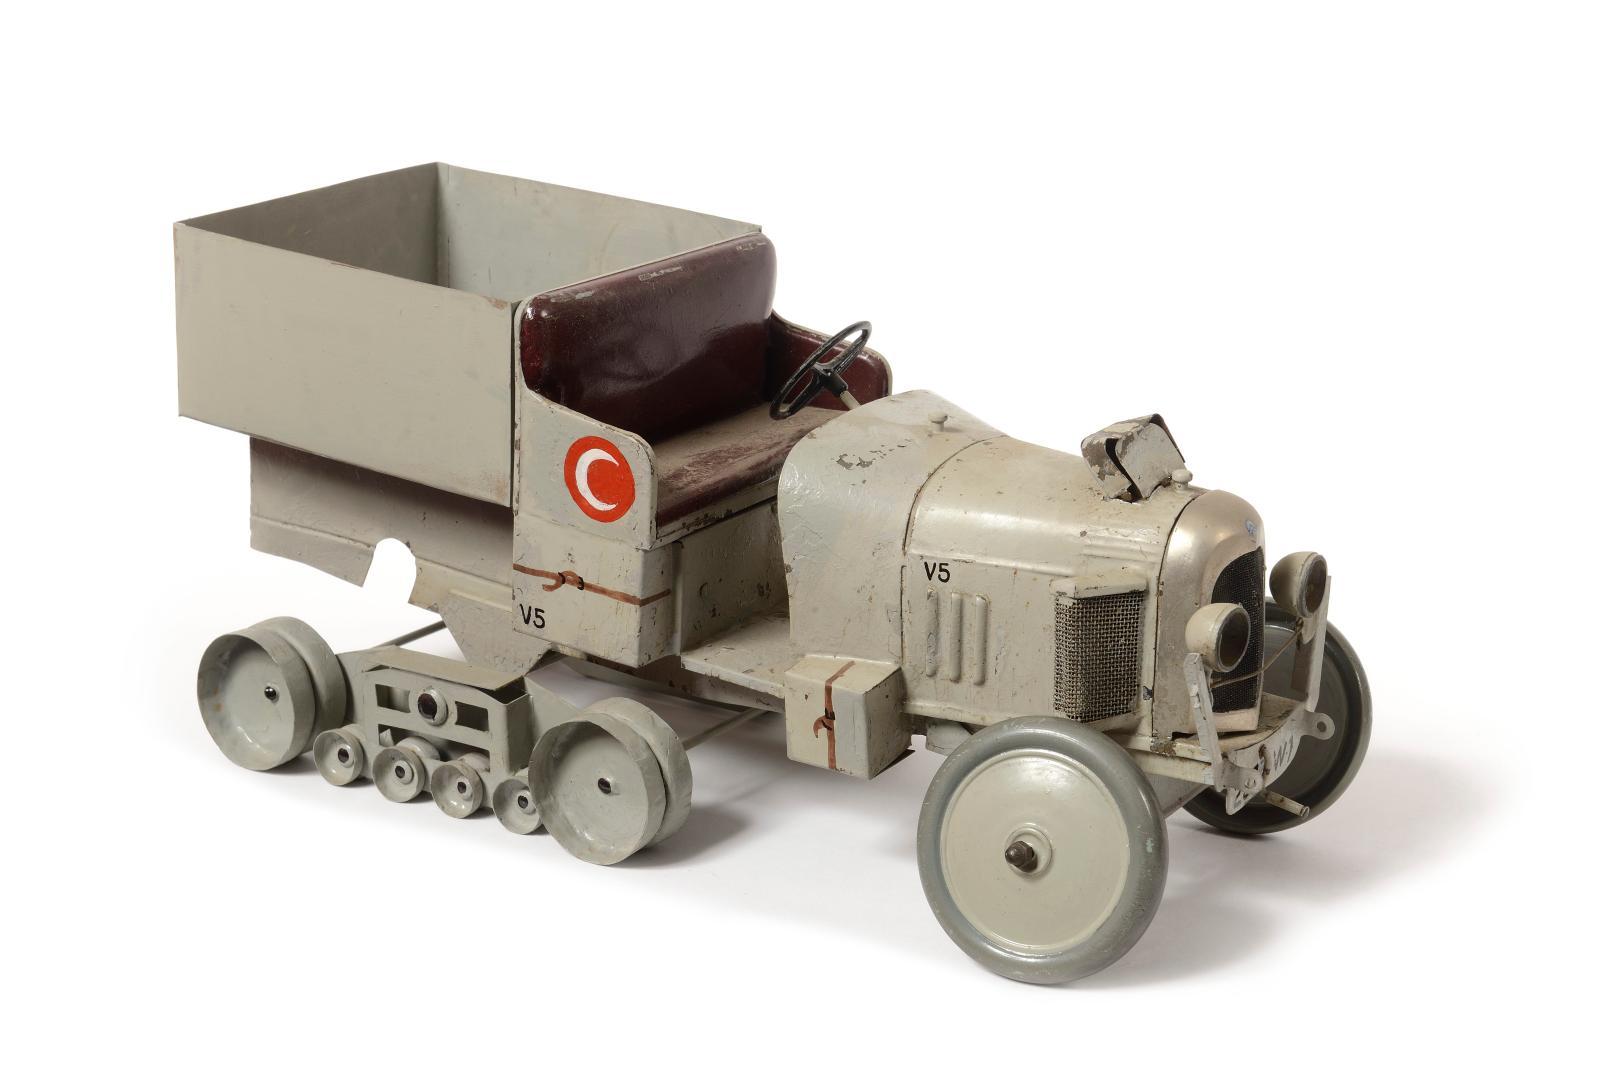 Jouets André Citroën, échelle 1/10, vers 1923-1924. Autochenille «KégresseB2, traversée du Sahara», en tôle peinte gris, première versio